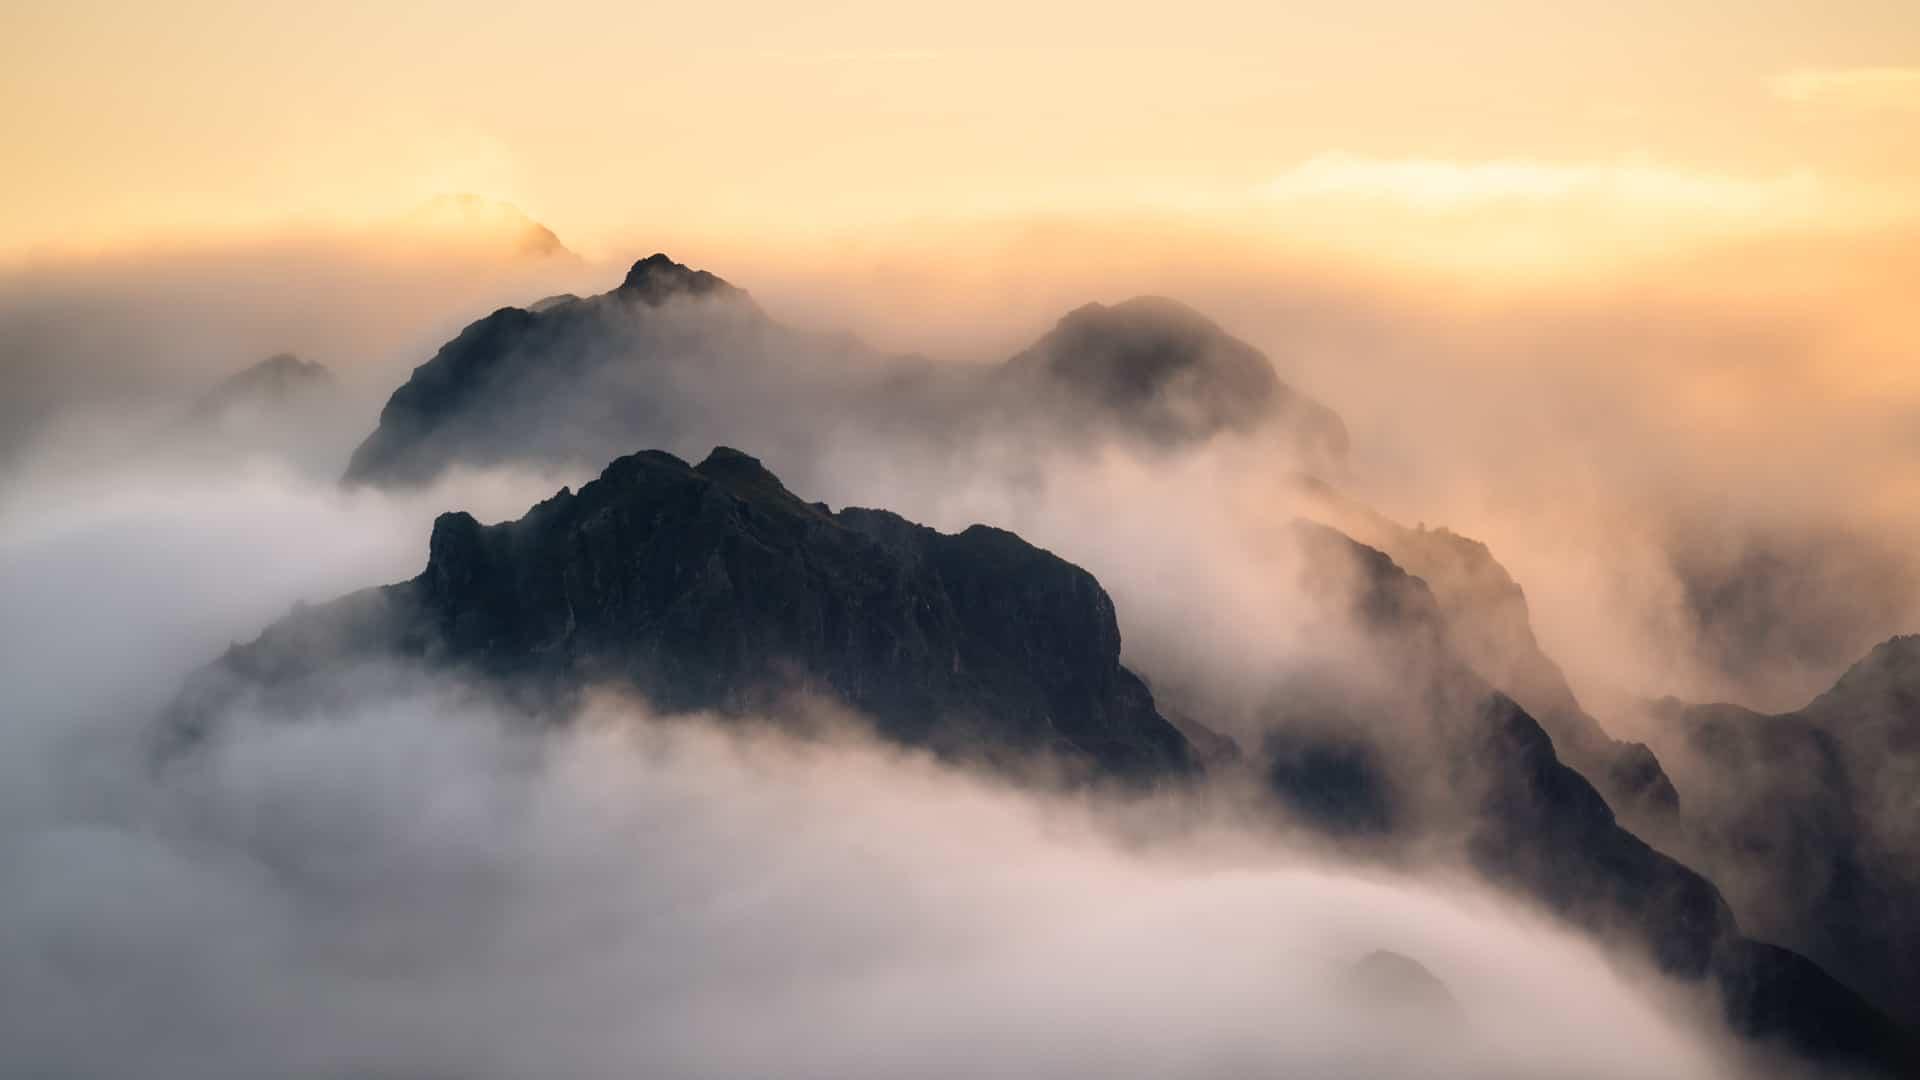 bica-da-cana-clouds-fineart